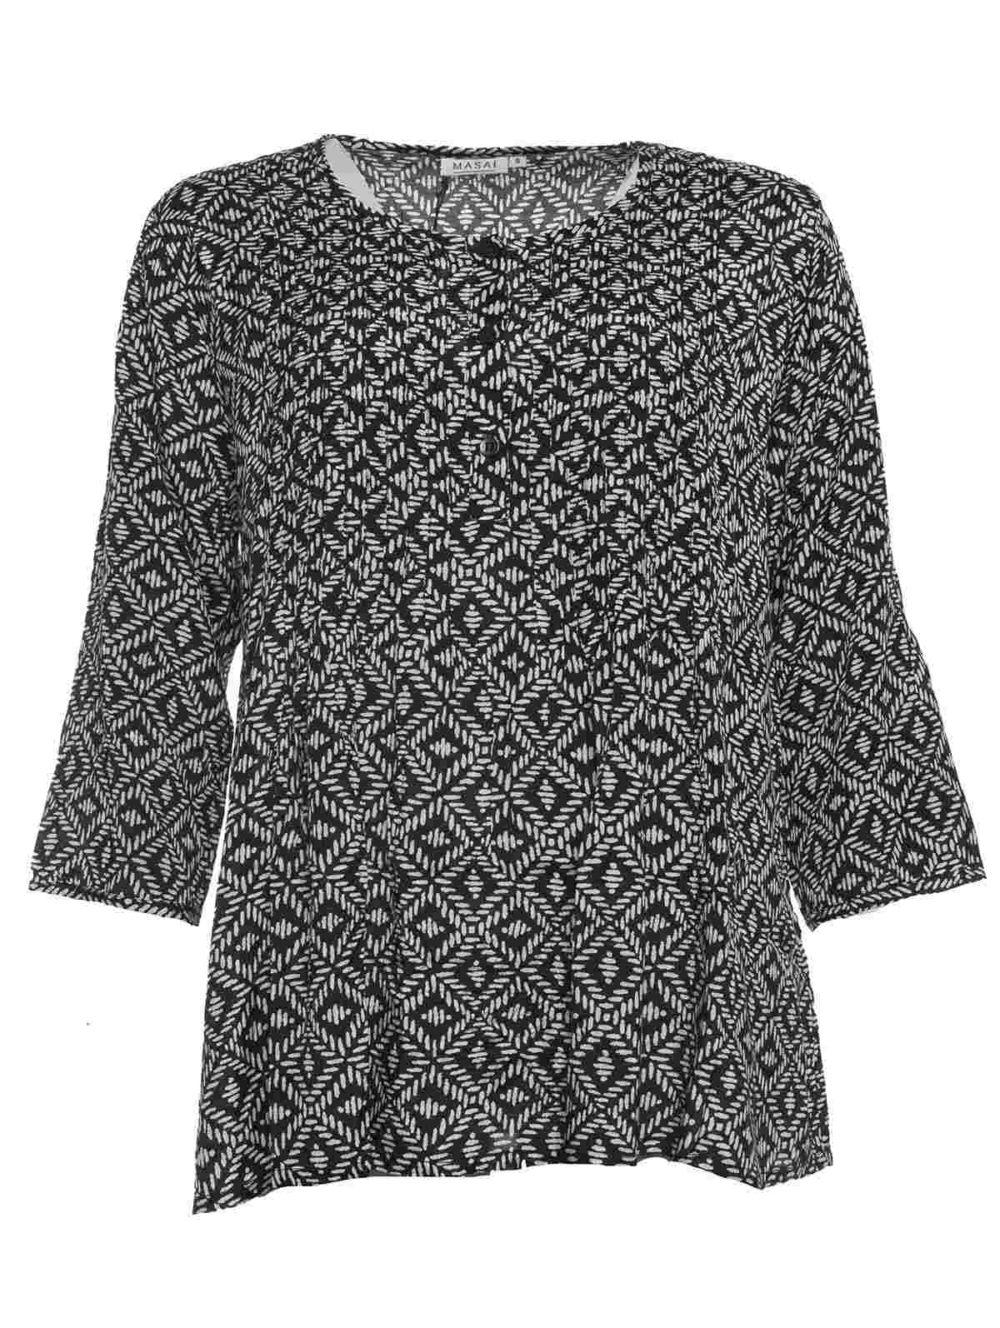 Dassah Top Masai Clothing Katie Kerr Women's Clothing